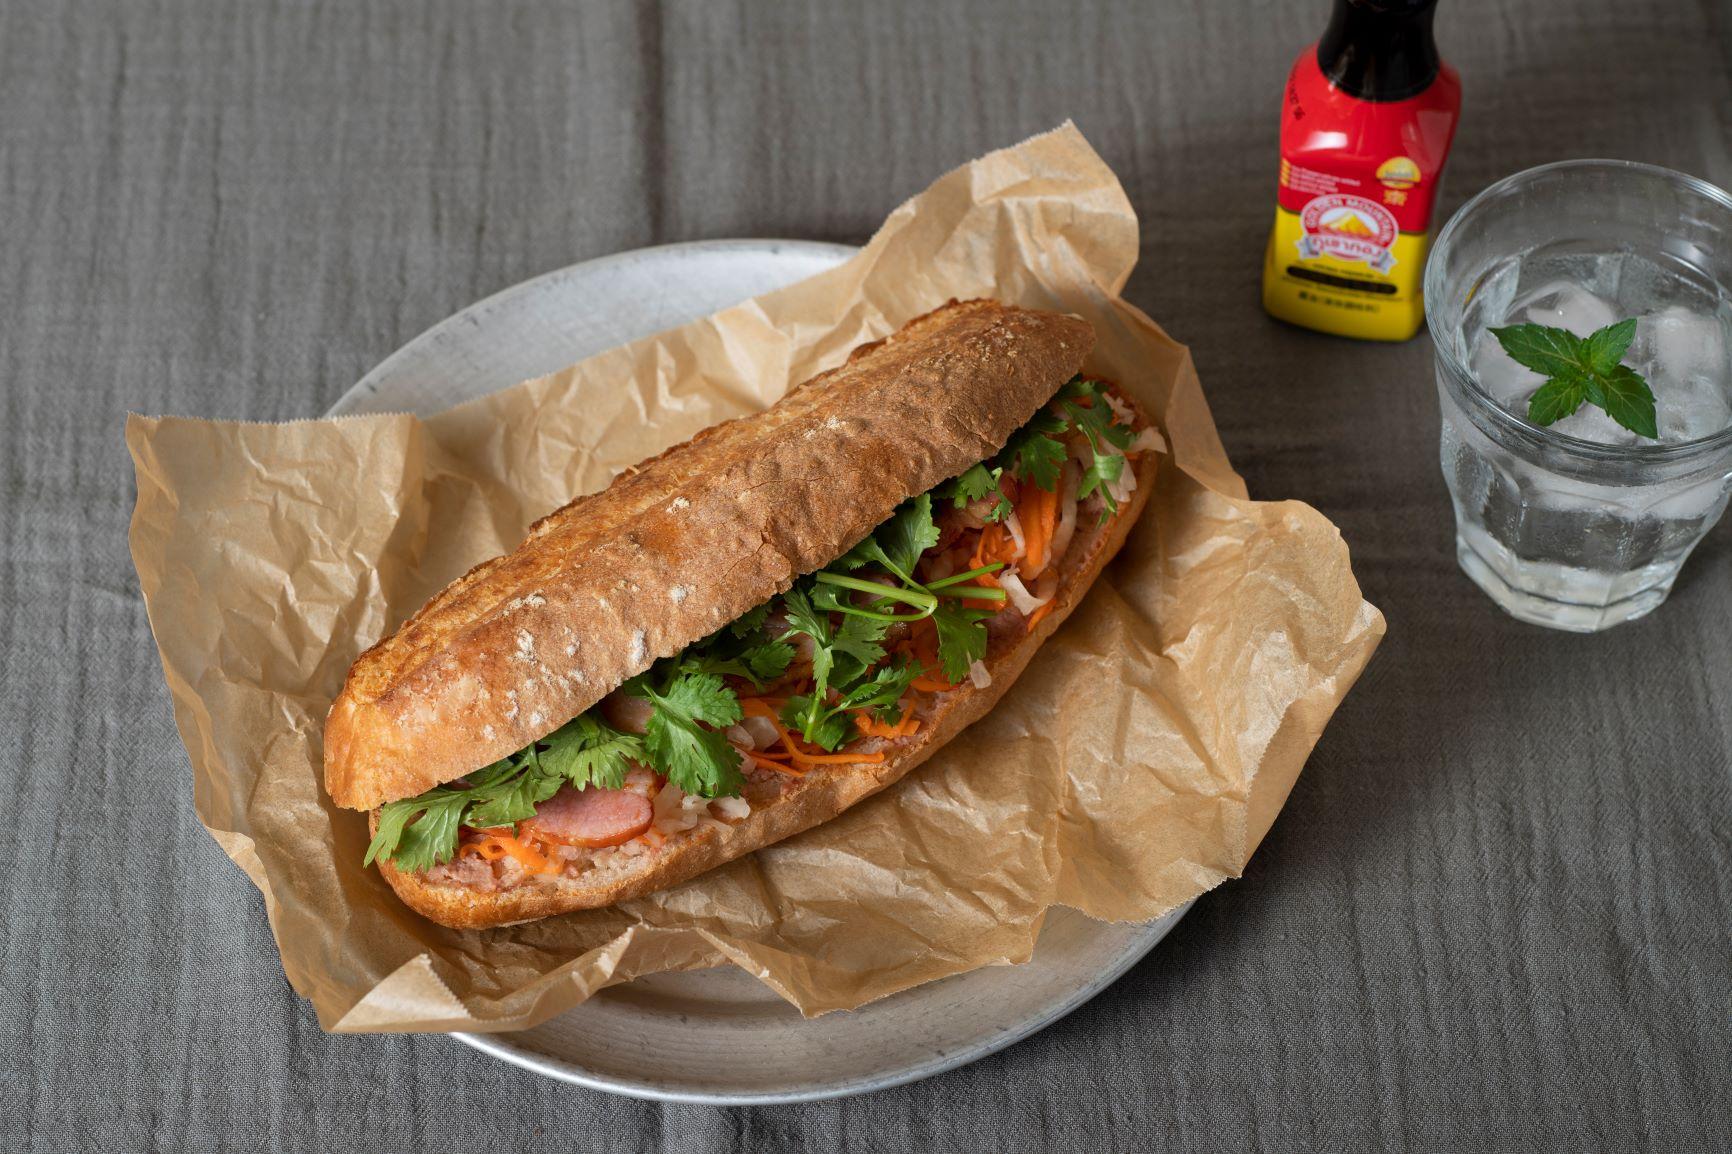 香草がおいしい「バインミーのサンドイッチ」